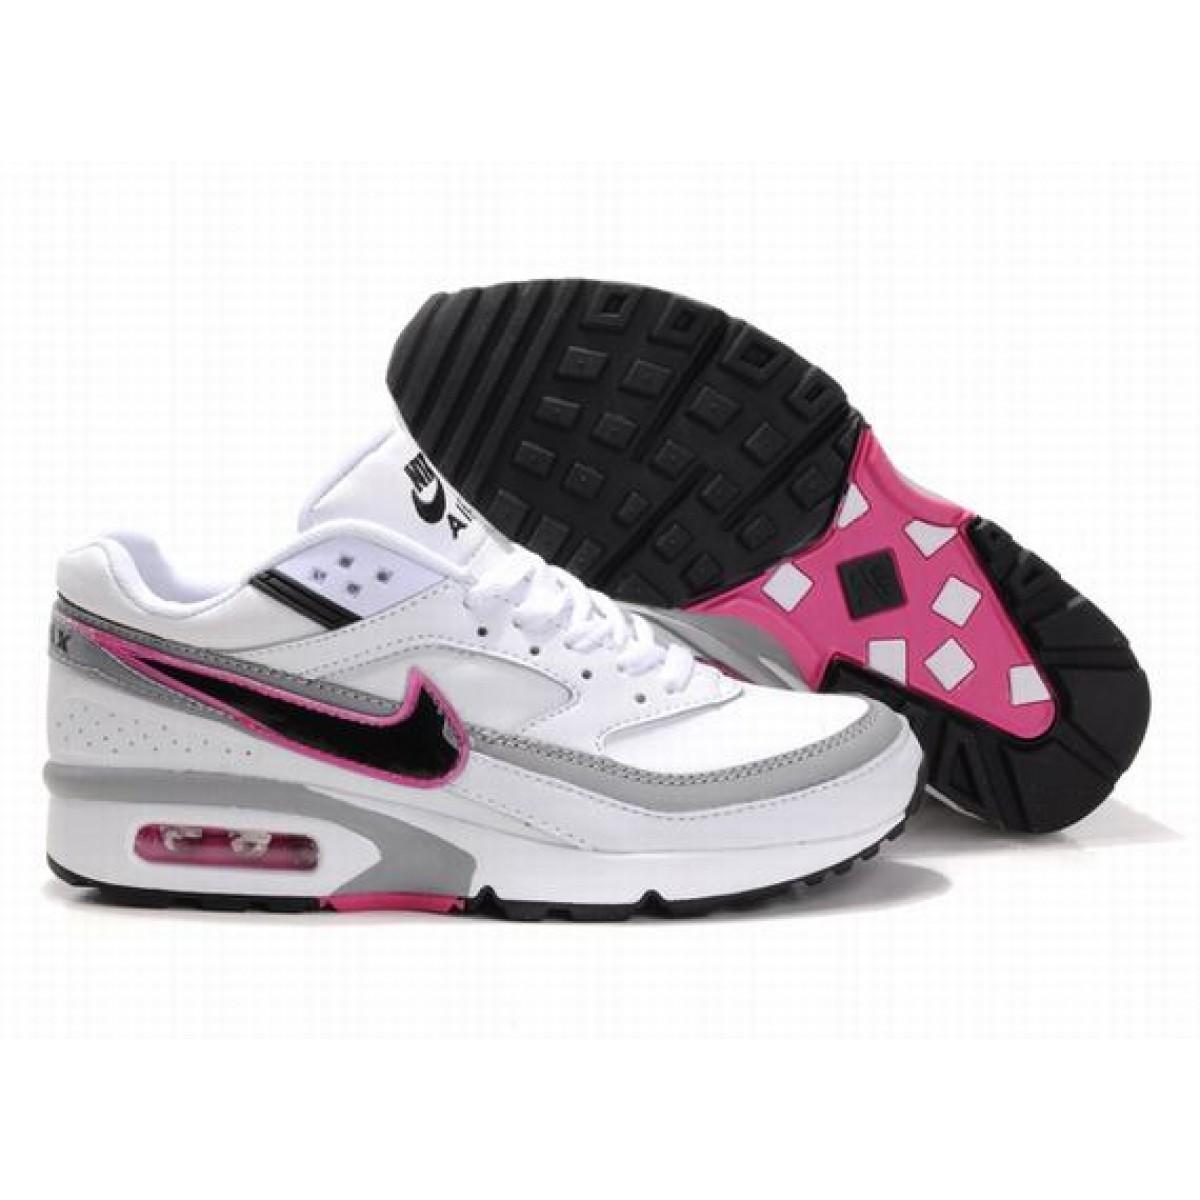 nike air max bw femme pas cher,Achat Vente produits Nike Air Max Classic BW Femme